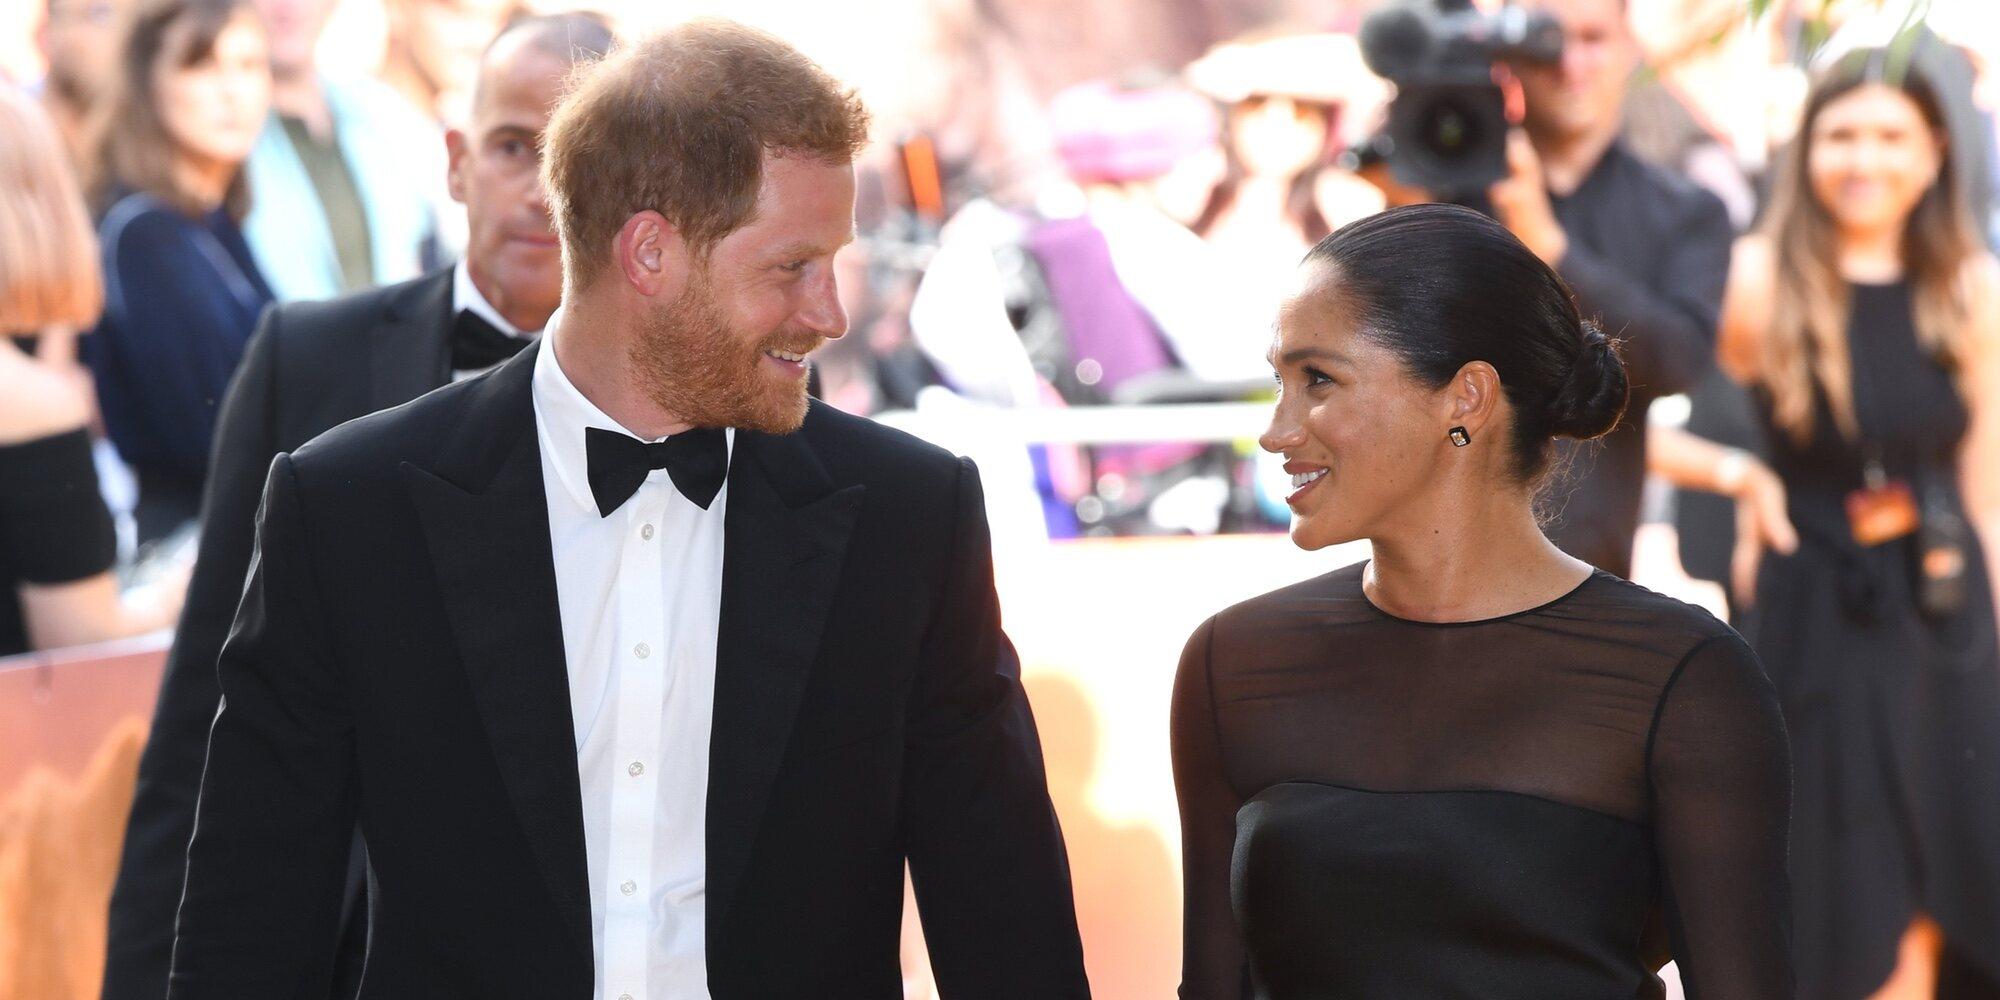 El Príncipe Harry y Meghan Markle se convierten en padres de su hija Lilibet Diana